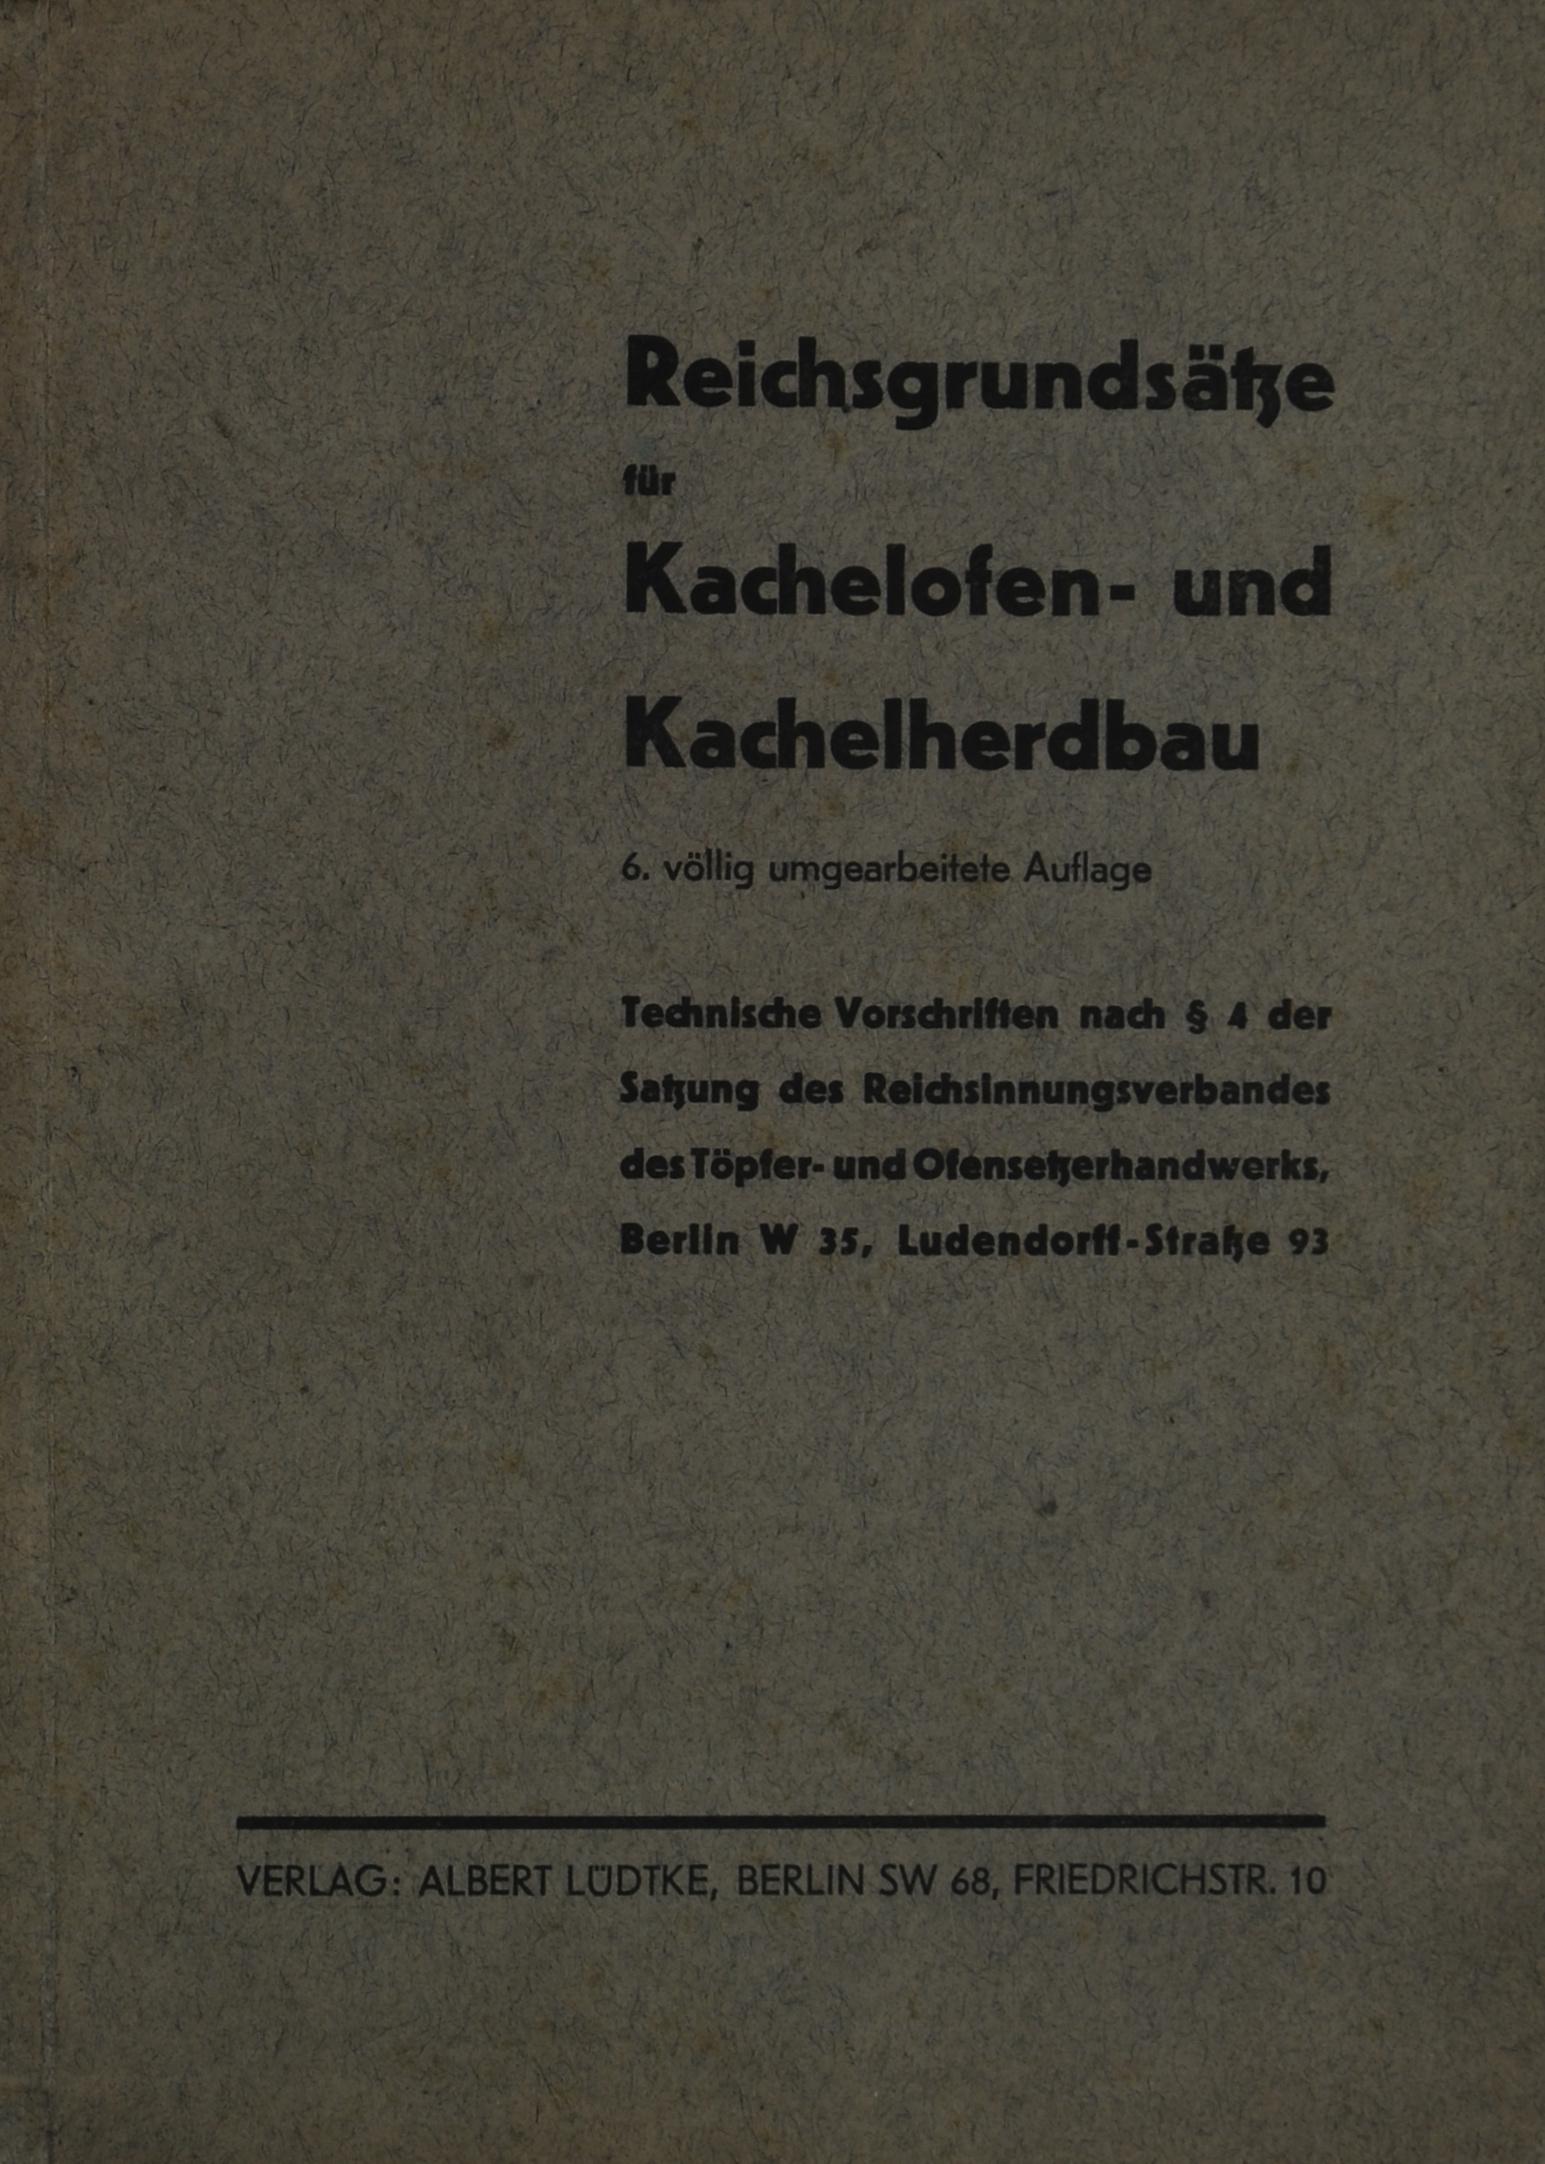 Img10354.tif